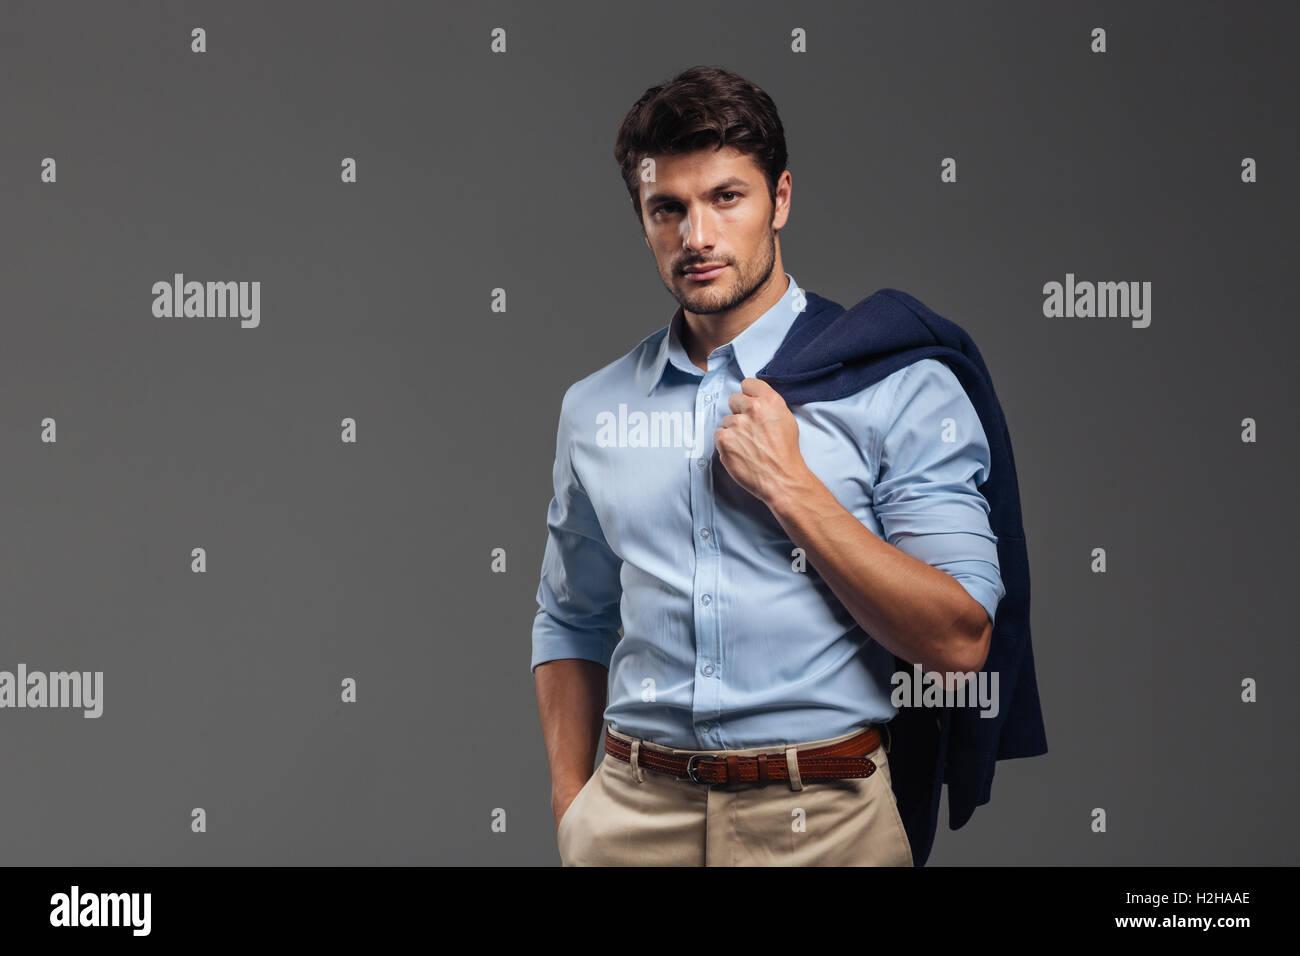 Handsome businessman holding his jacket over shoulder on gray background - Stock Image